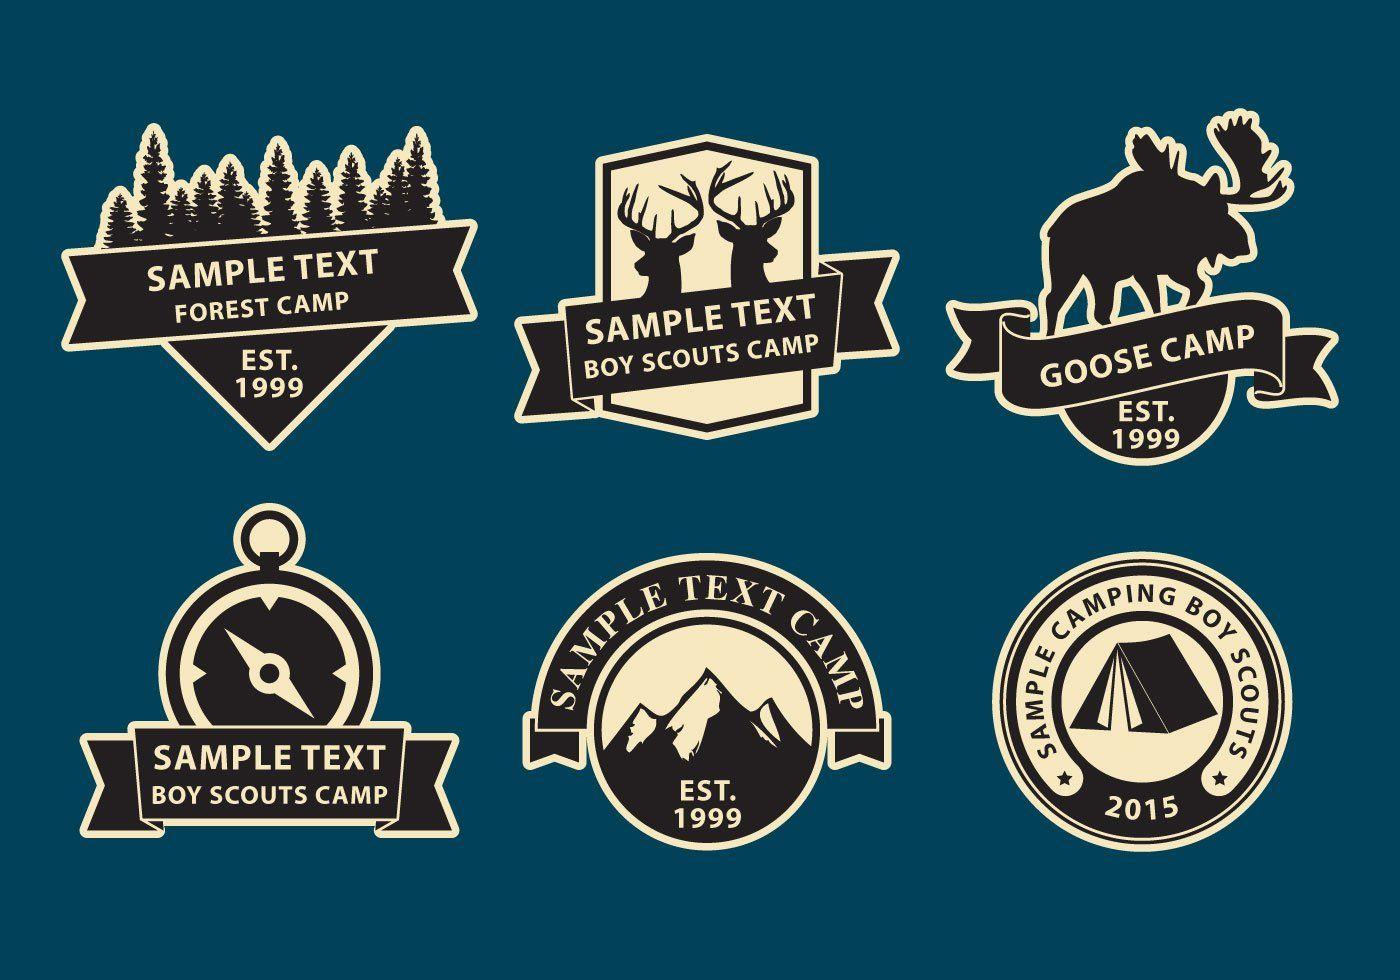 Camp Logos Camp logo, Logos, Boy scout camping